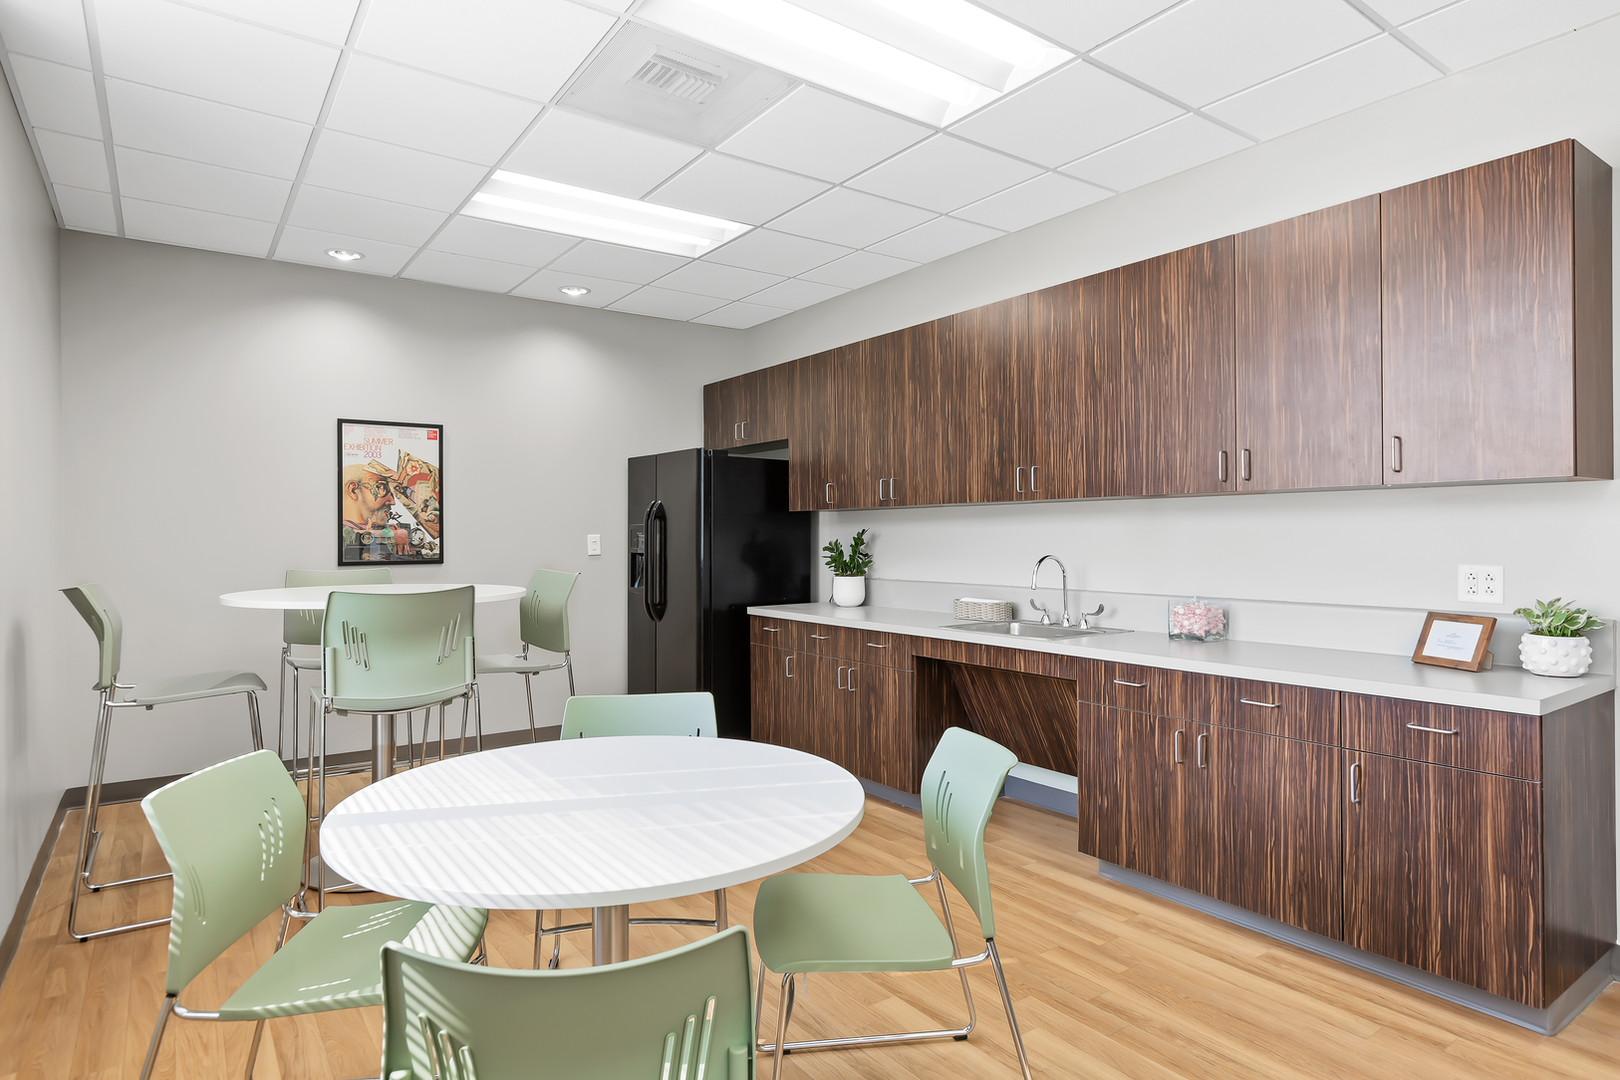 Meeting Pointe kitchen